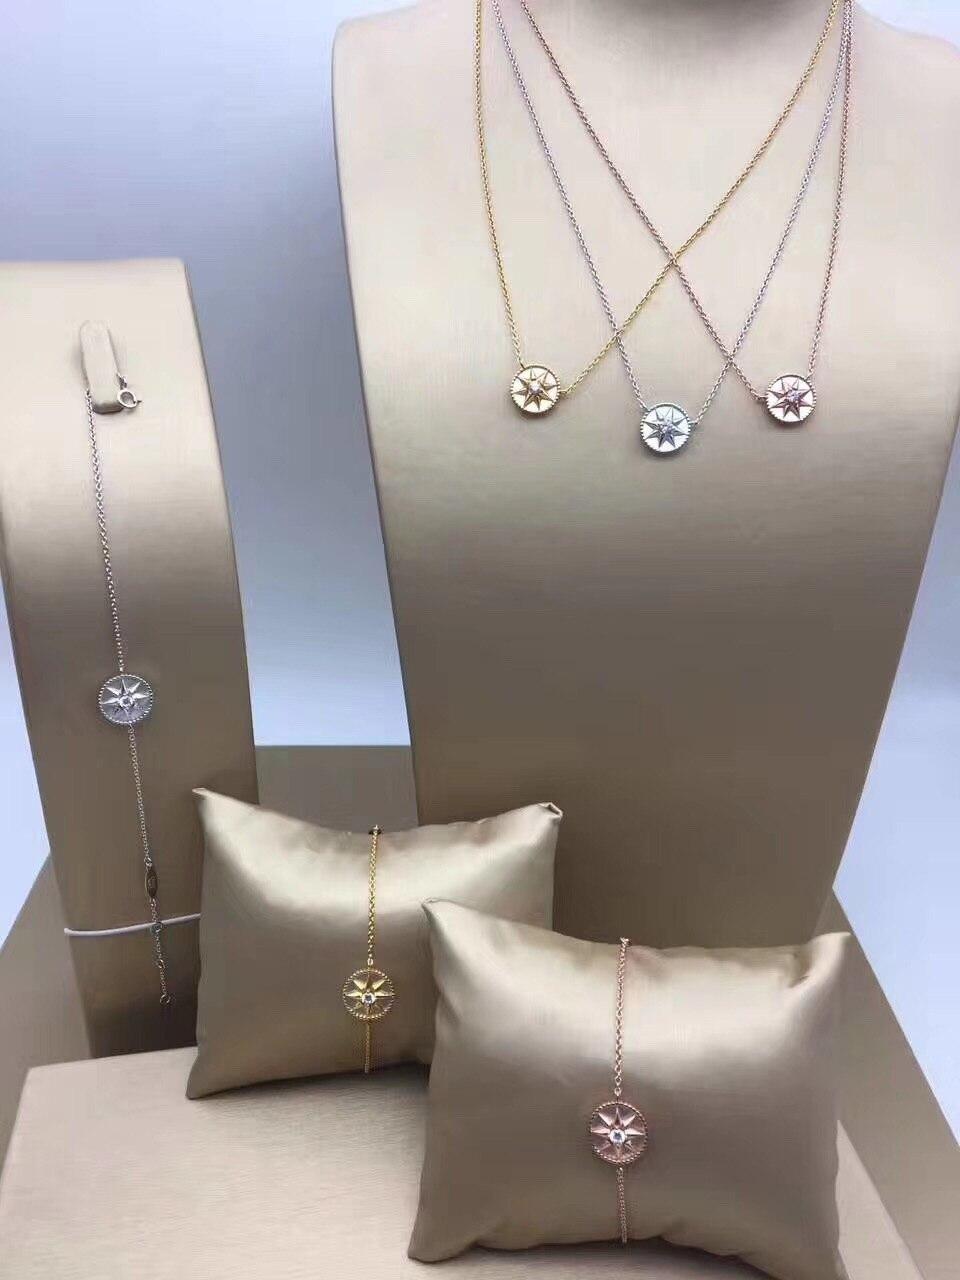 Mode célèbre marque rose des vents collier bracelet ensemble de bijoux filles coquille agate chanceux étoile entreprises pendentif bracelet ensemble